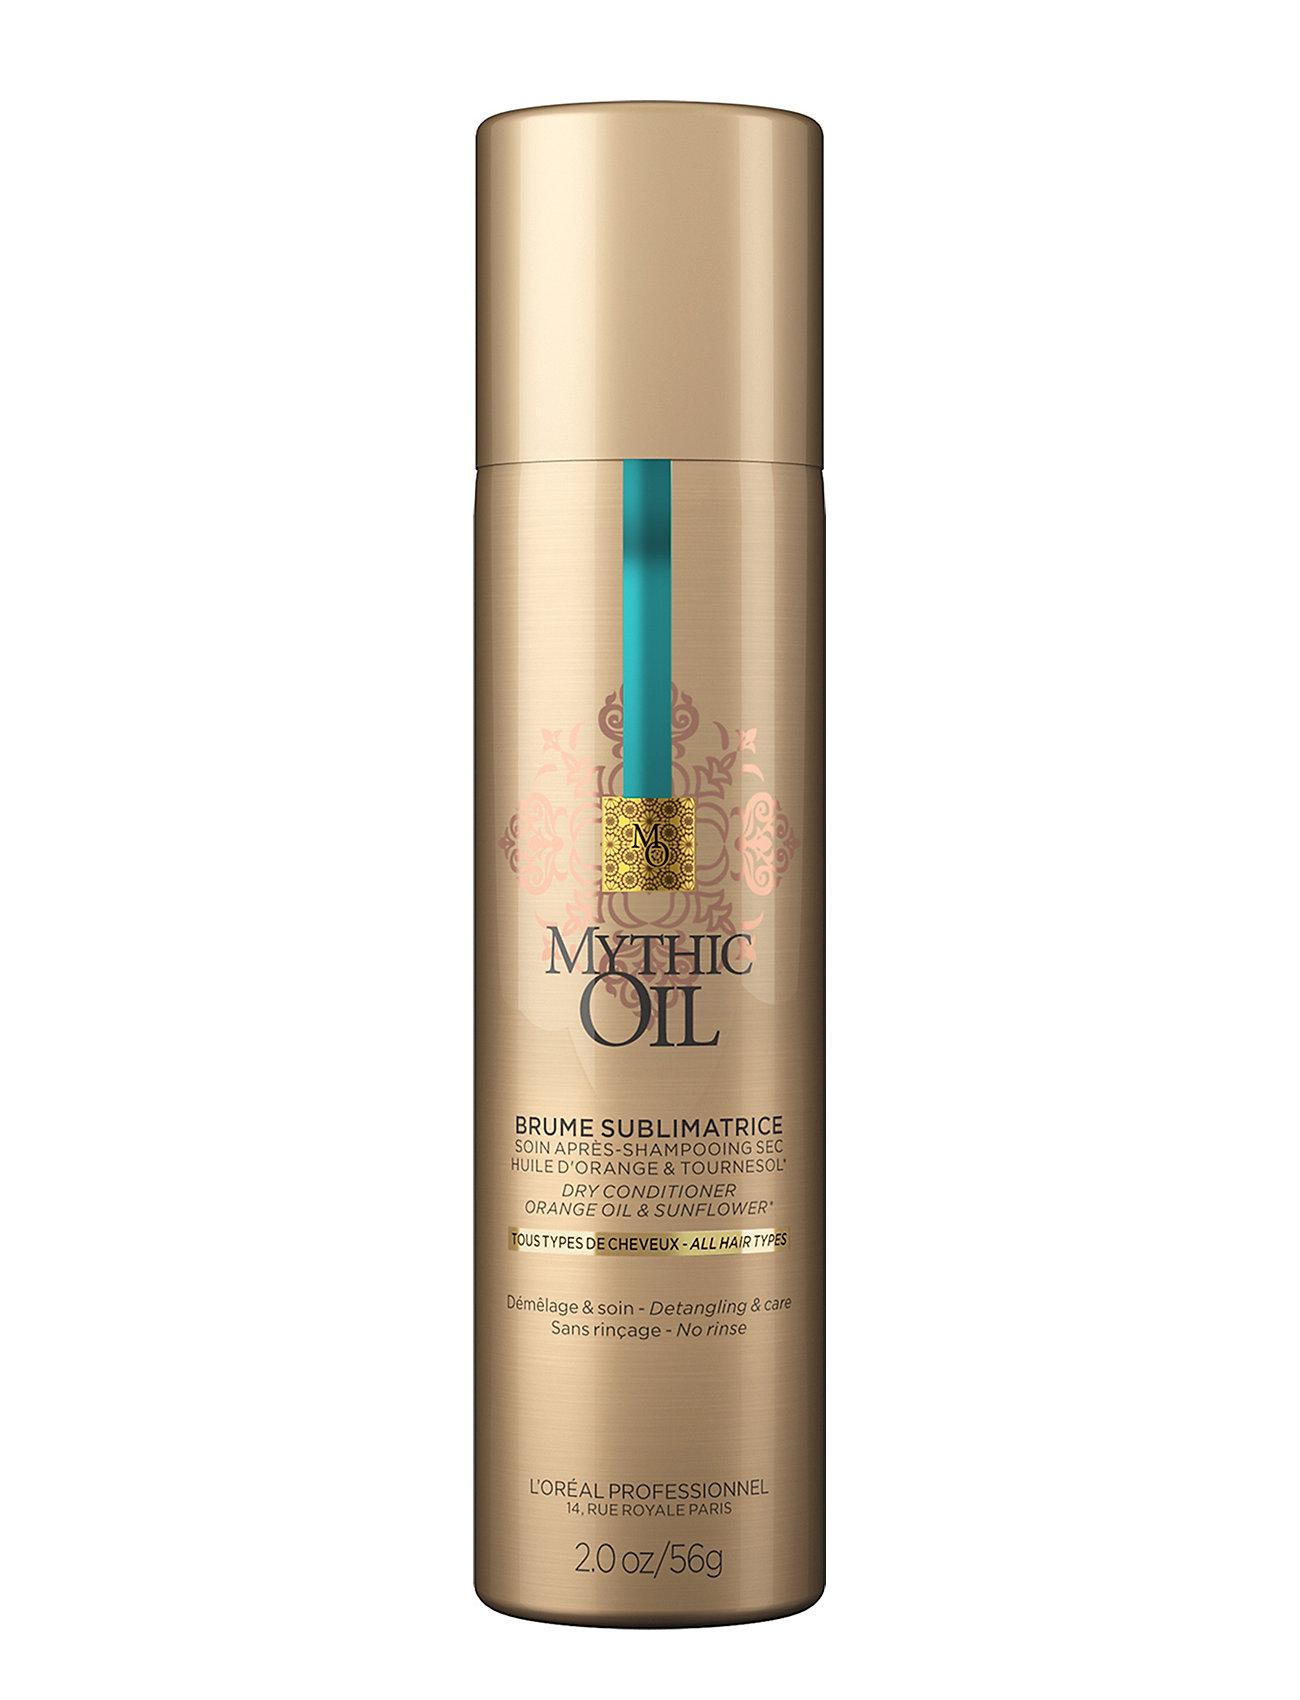 L'OréAl Professionnel Mythic Oil Huile Dry Conditioner Spra - L'Oréal Professionnel